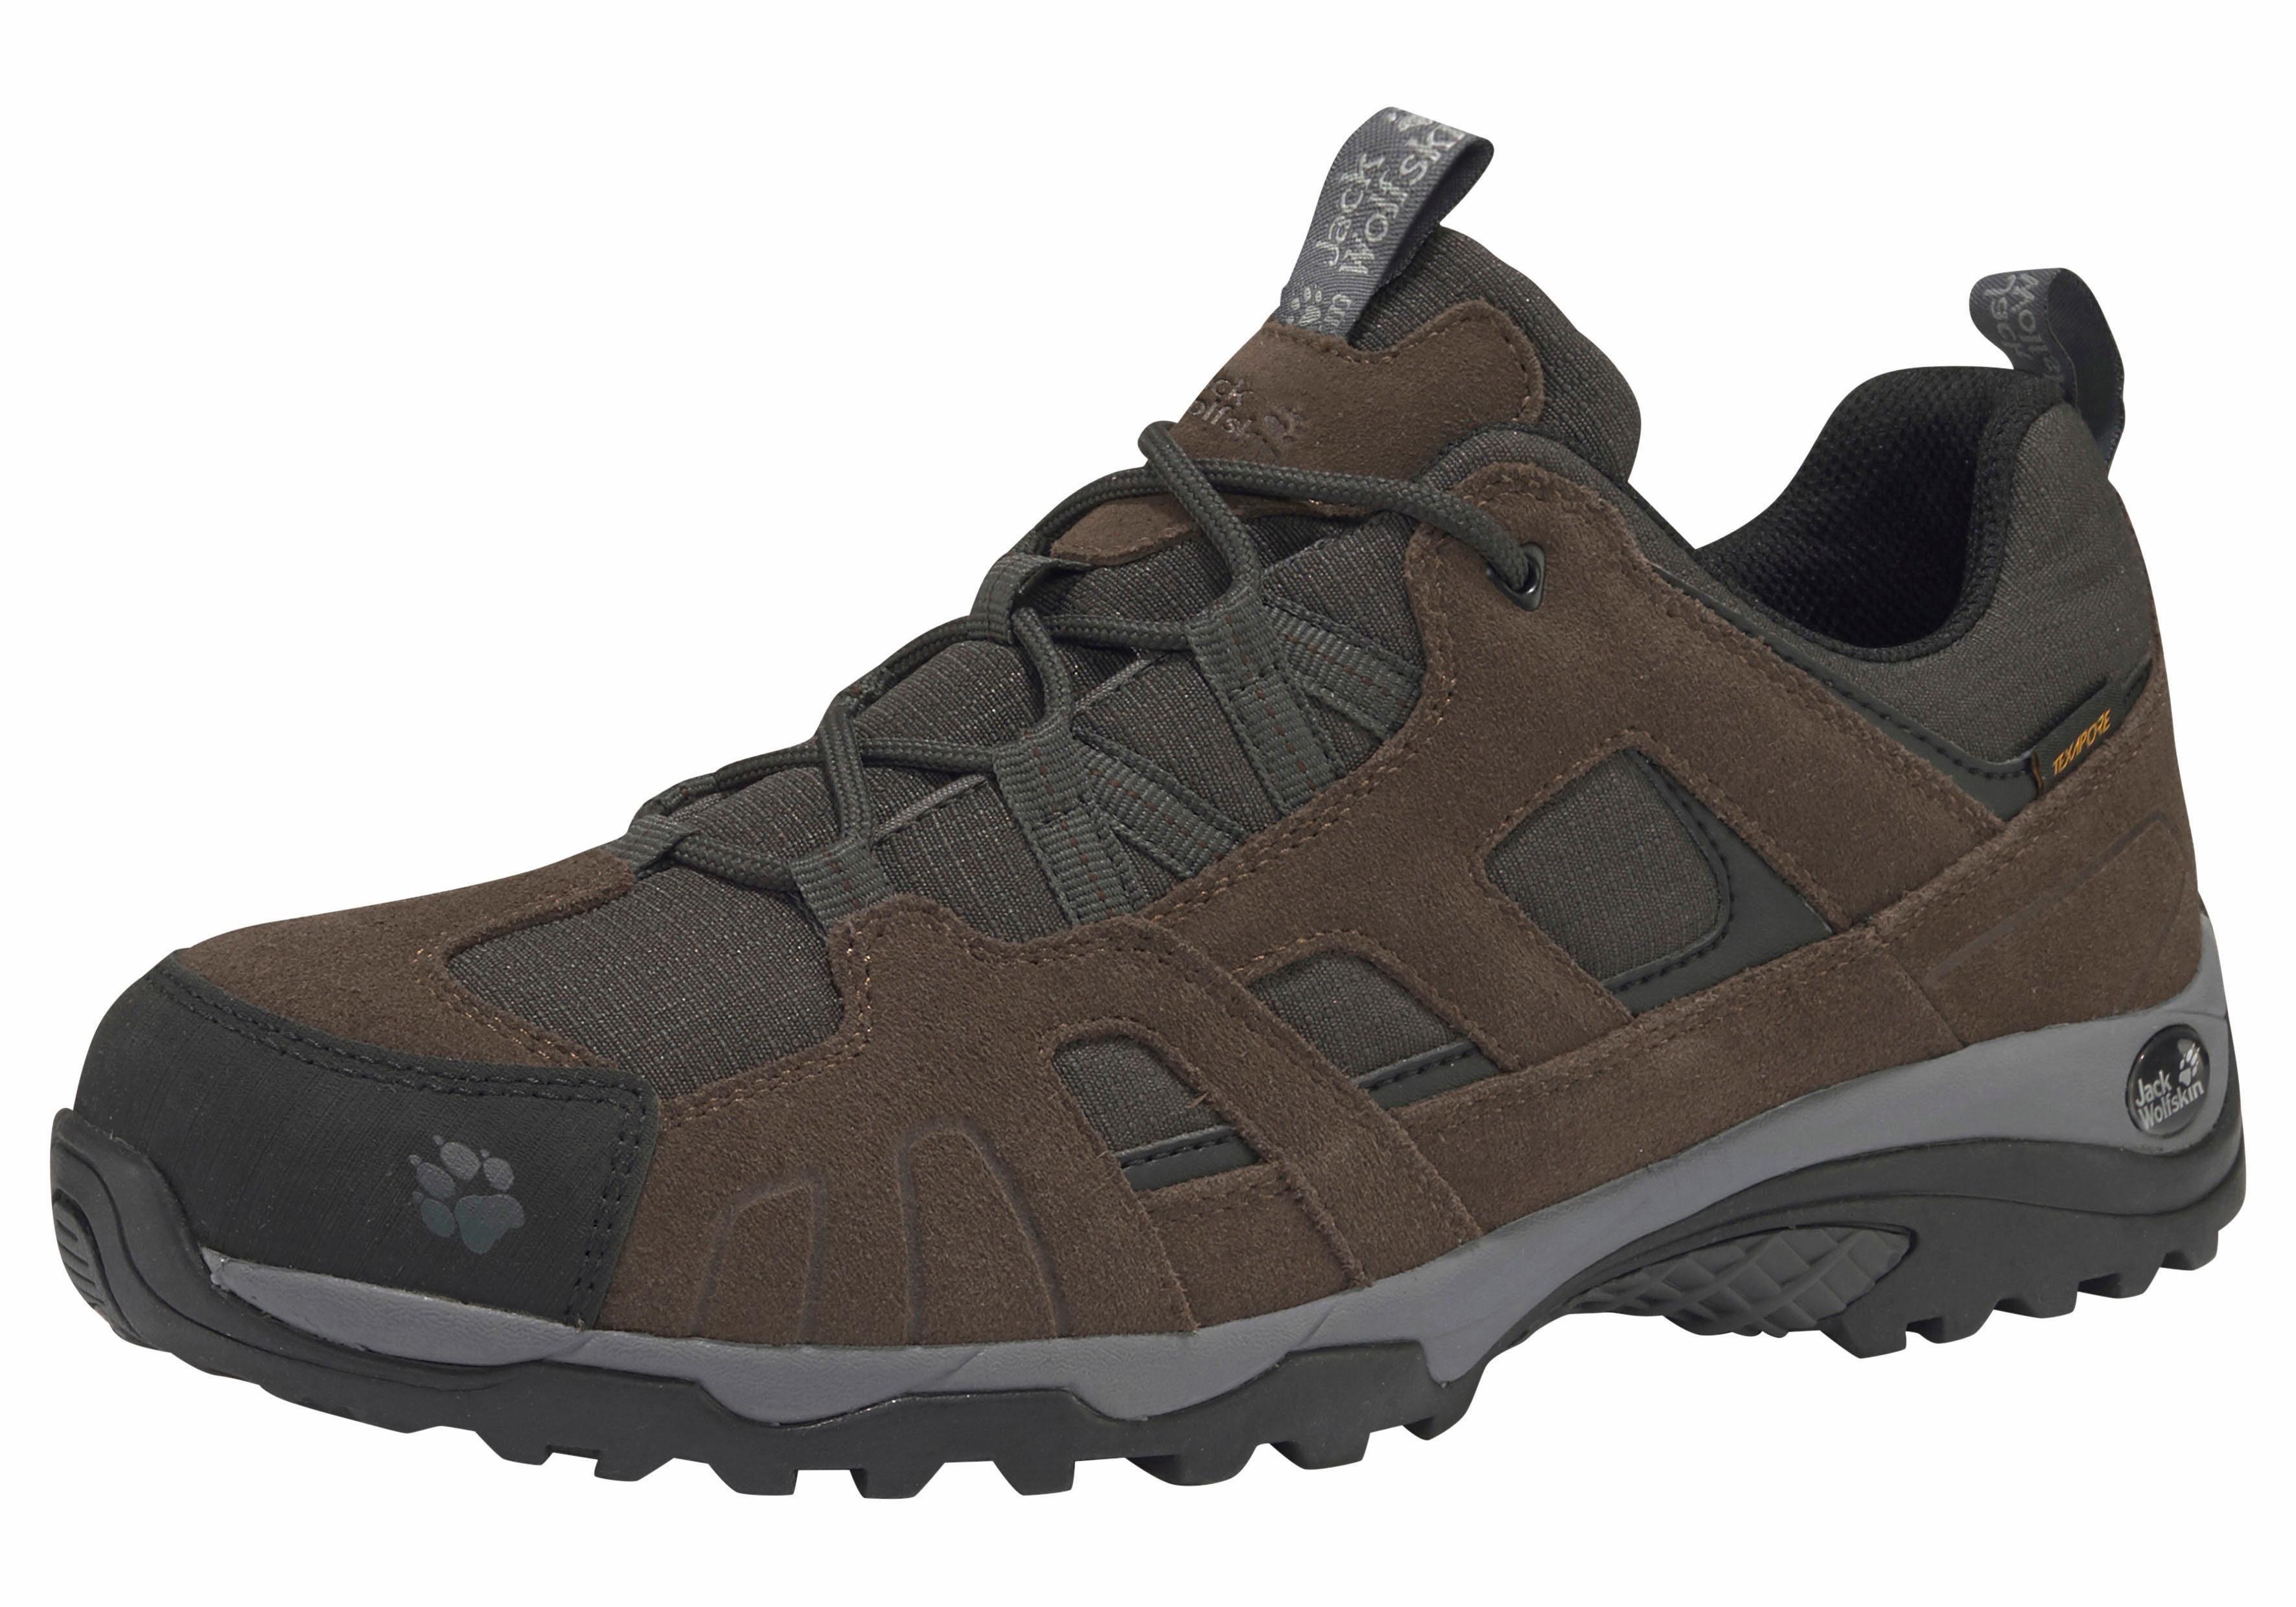 Jack Wolfskin »Vojo Hike Texapore Men« Outdoorschuh online kaufen | OTTO